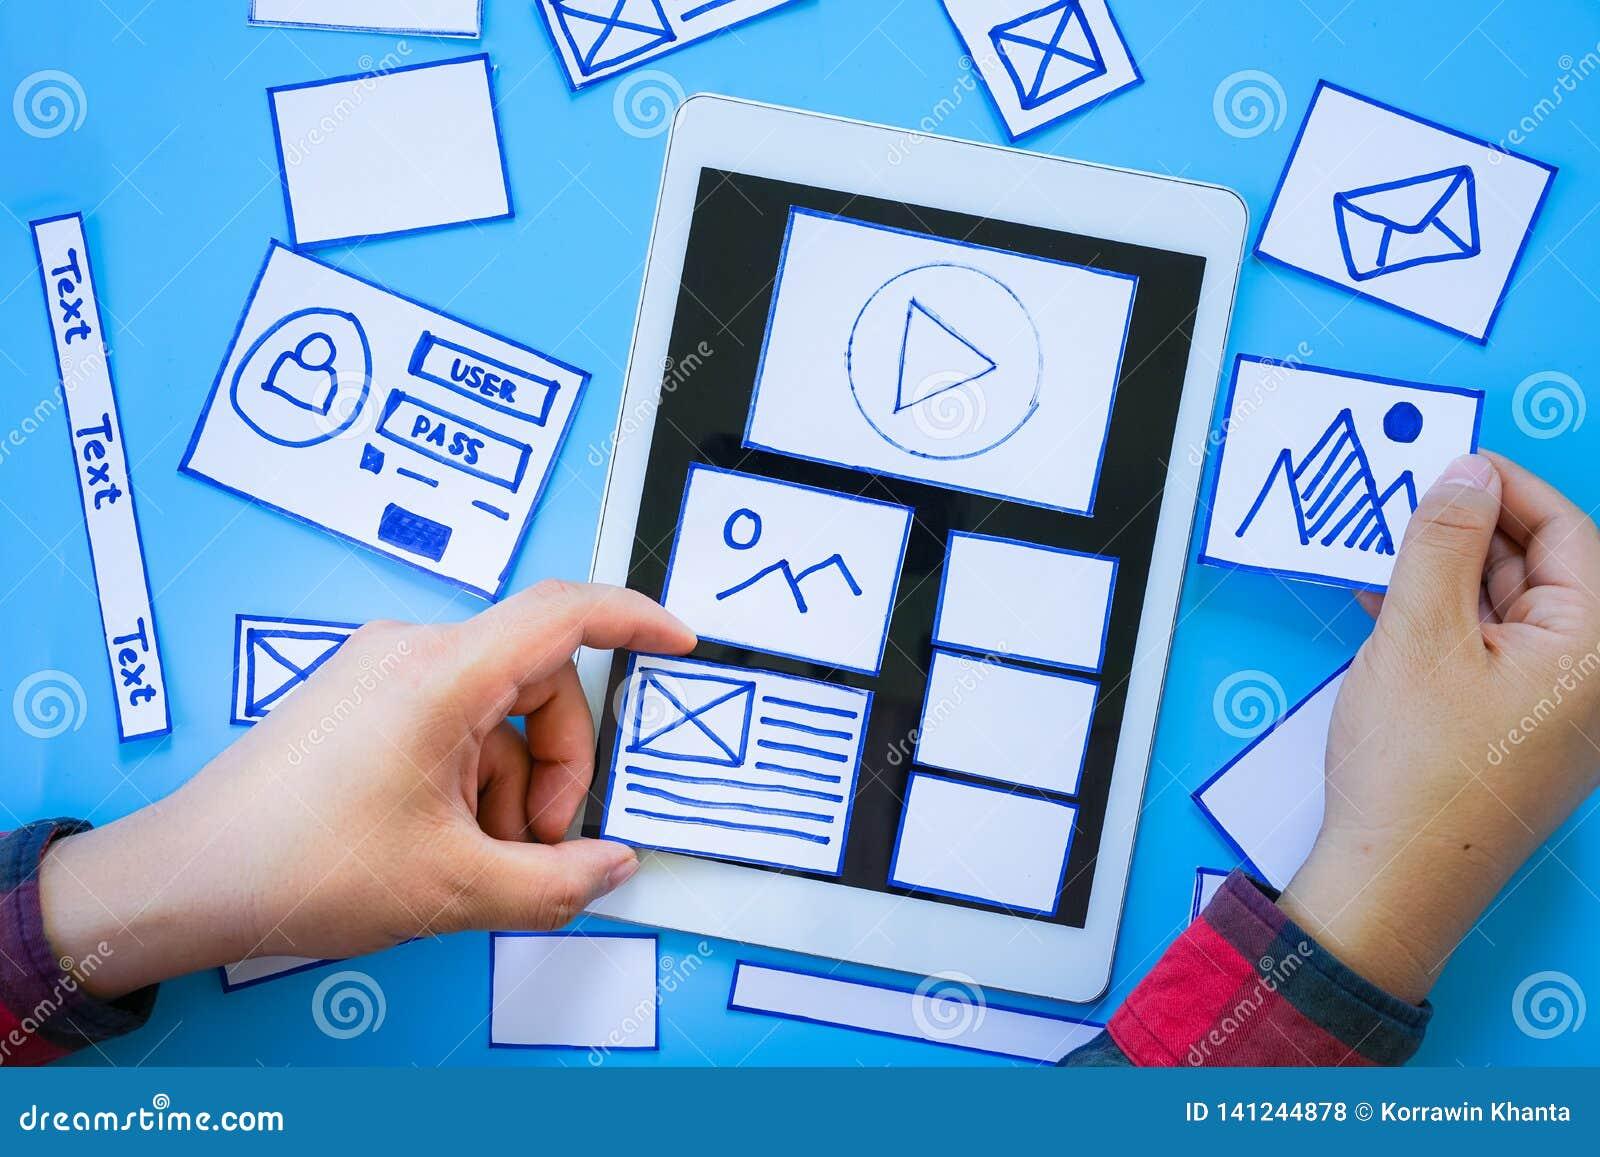 De creatieve mobiele ontvankelijke sorterende wireframe schermen van de websiteontwerper van mobiel de ontwikkelingsprototype van